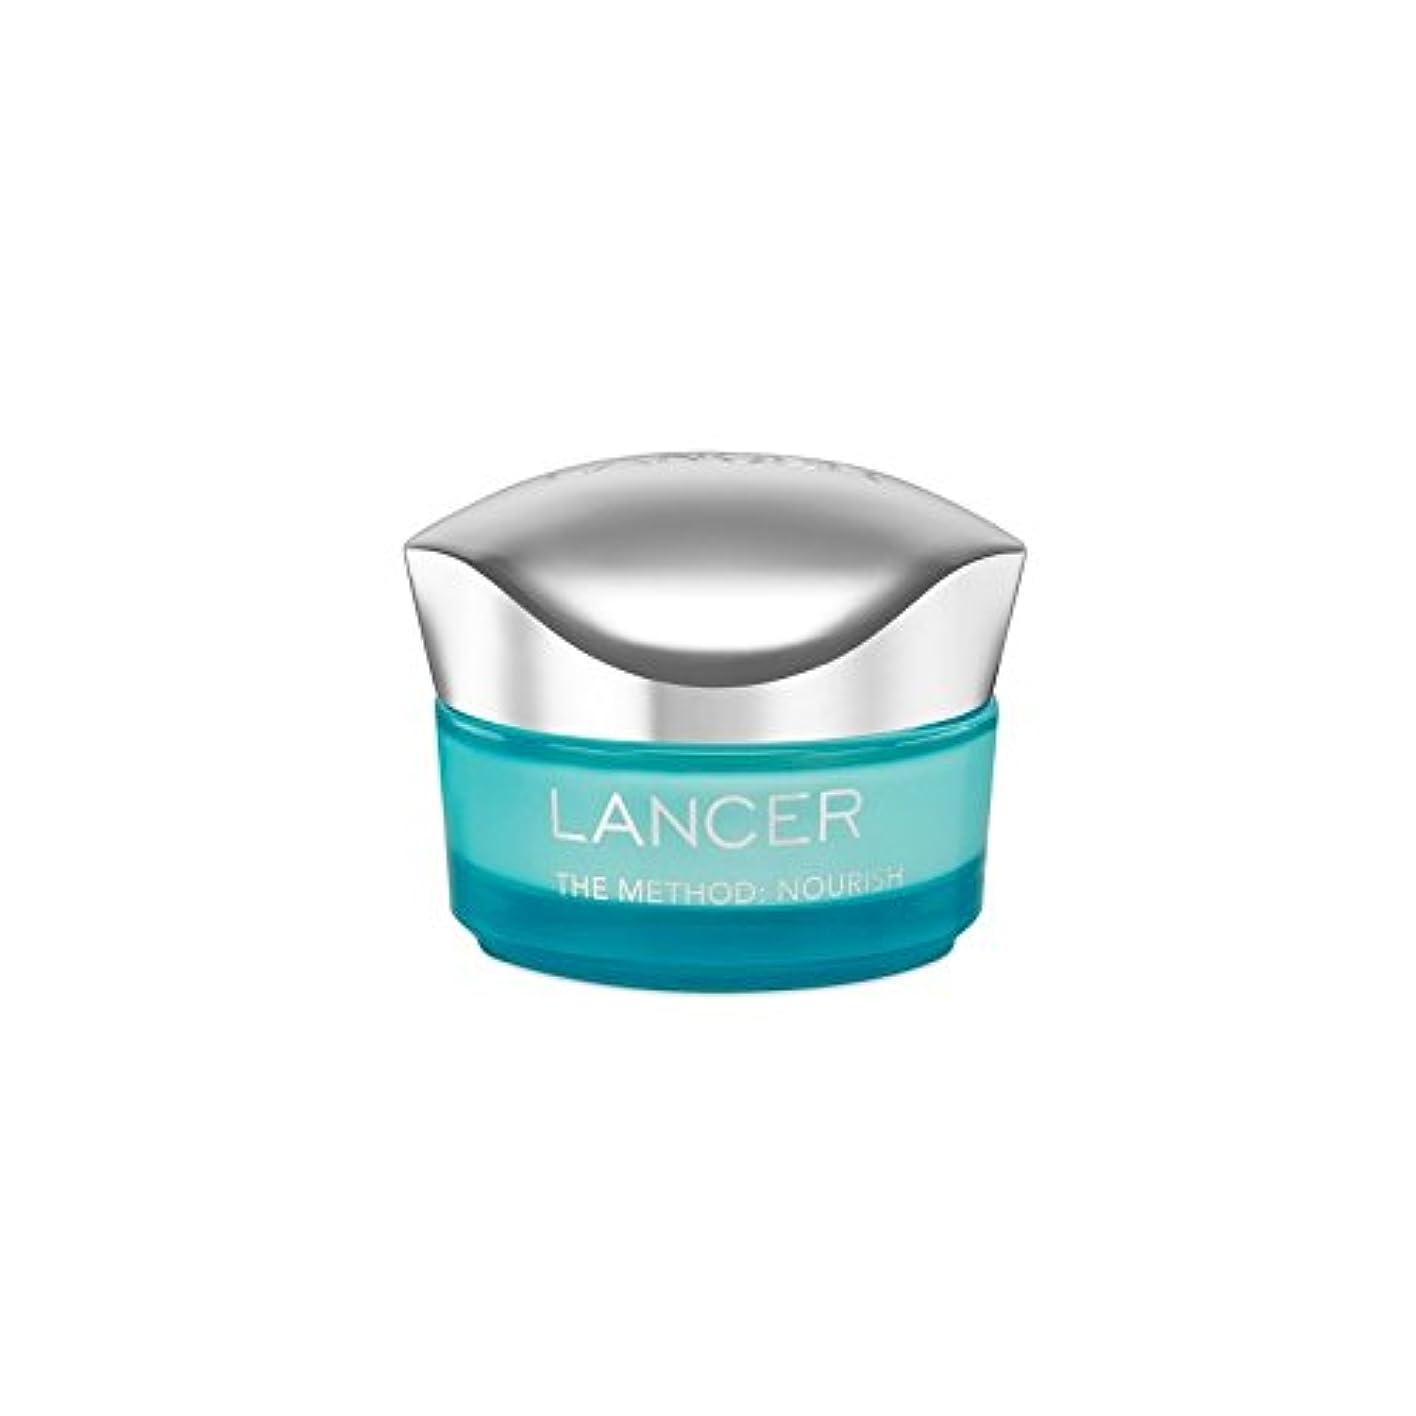 賞興味運動するLancer Skincare The Method: Nourish Moisturiser (50ml) (Pack of 6) - ランサーは、この方法をスキンケア:モイスチャライザー(50)に栄養を与えます x6...